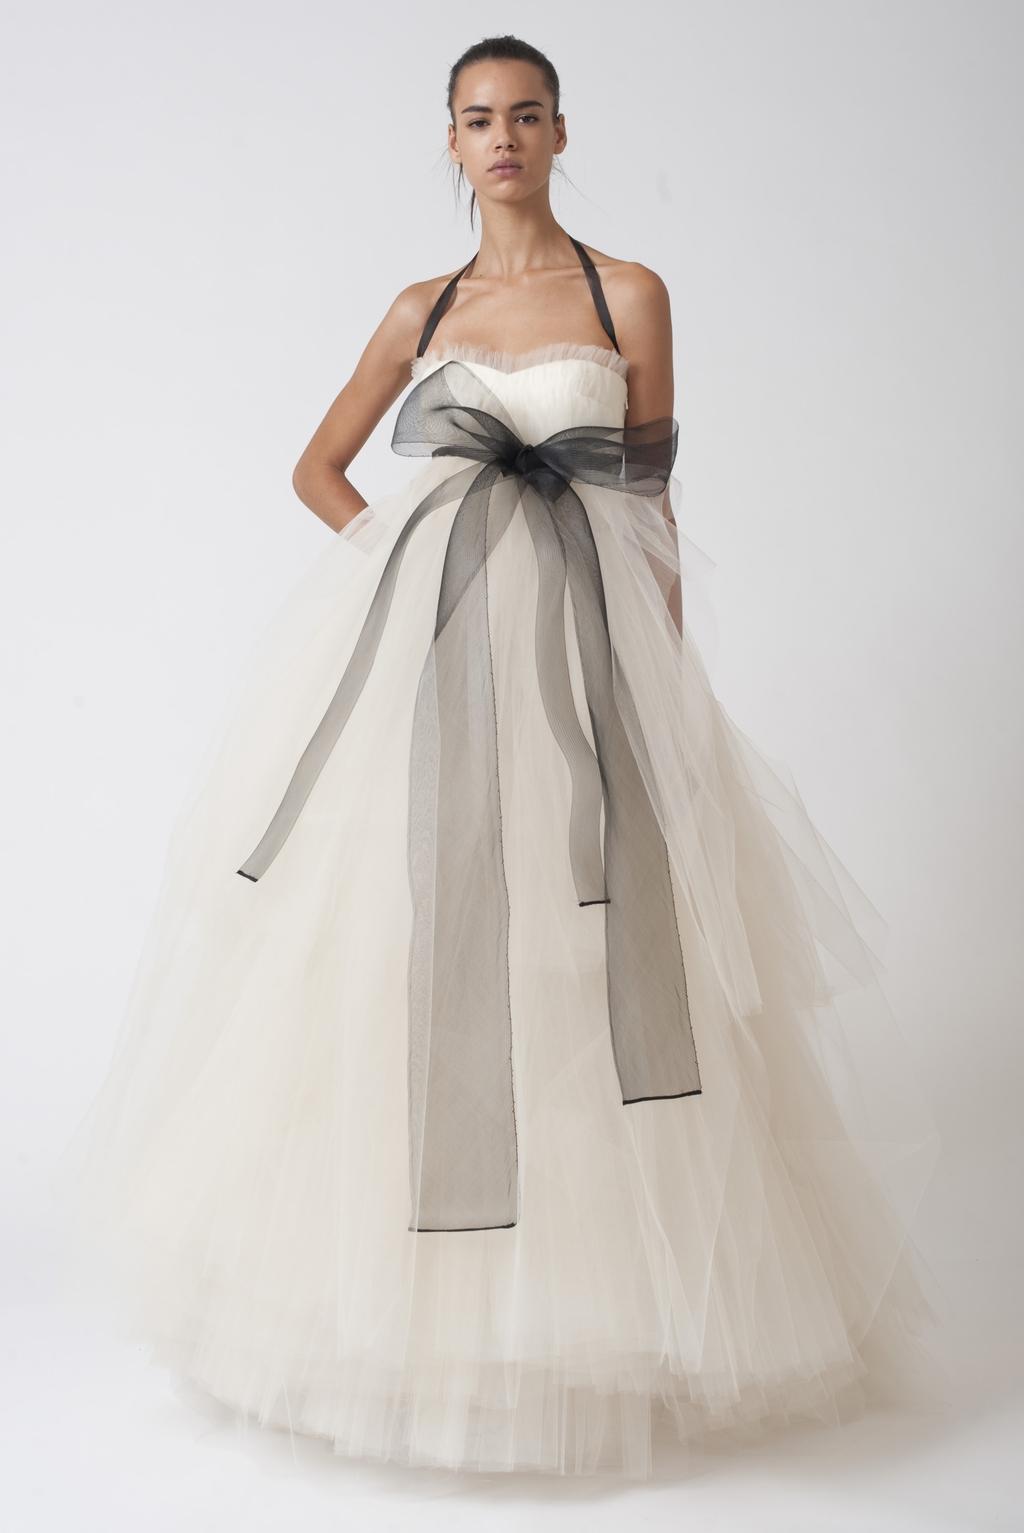 Vera-wang-wedding-dresses-fall-2010-14.full